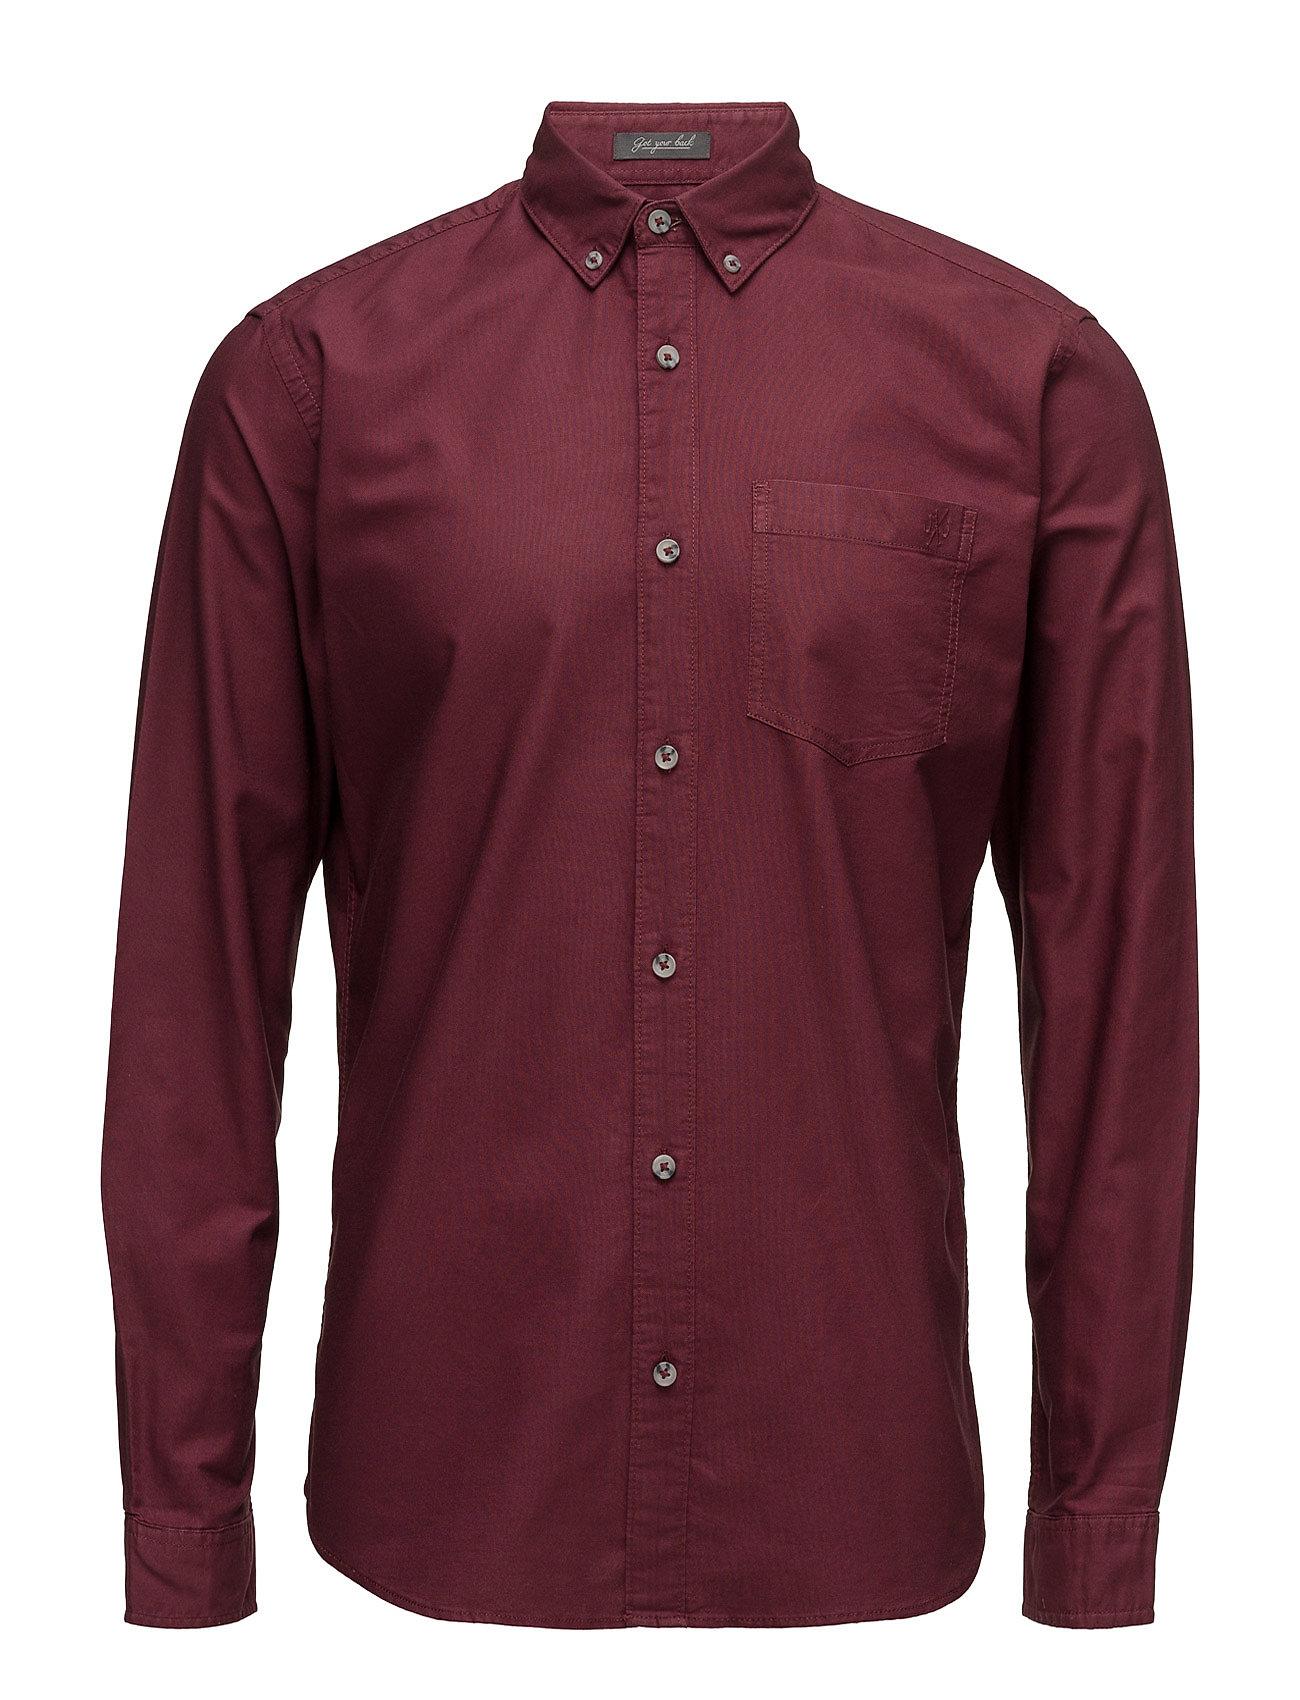 Jorliam Shirt Ls Jack & Jones Original Business til Herrer i